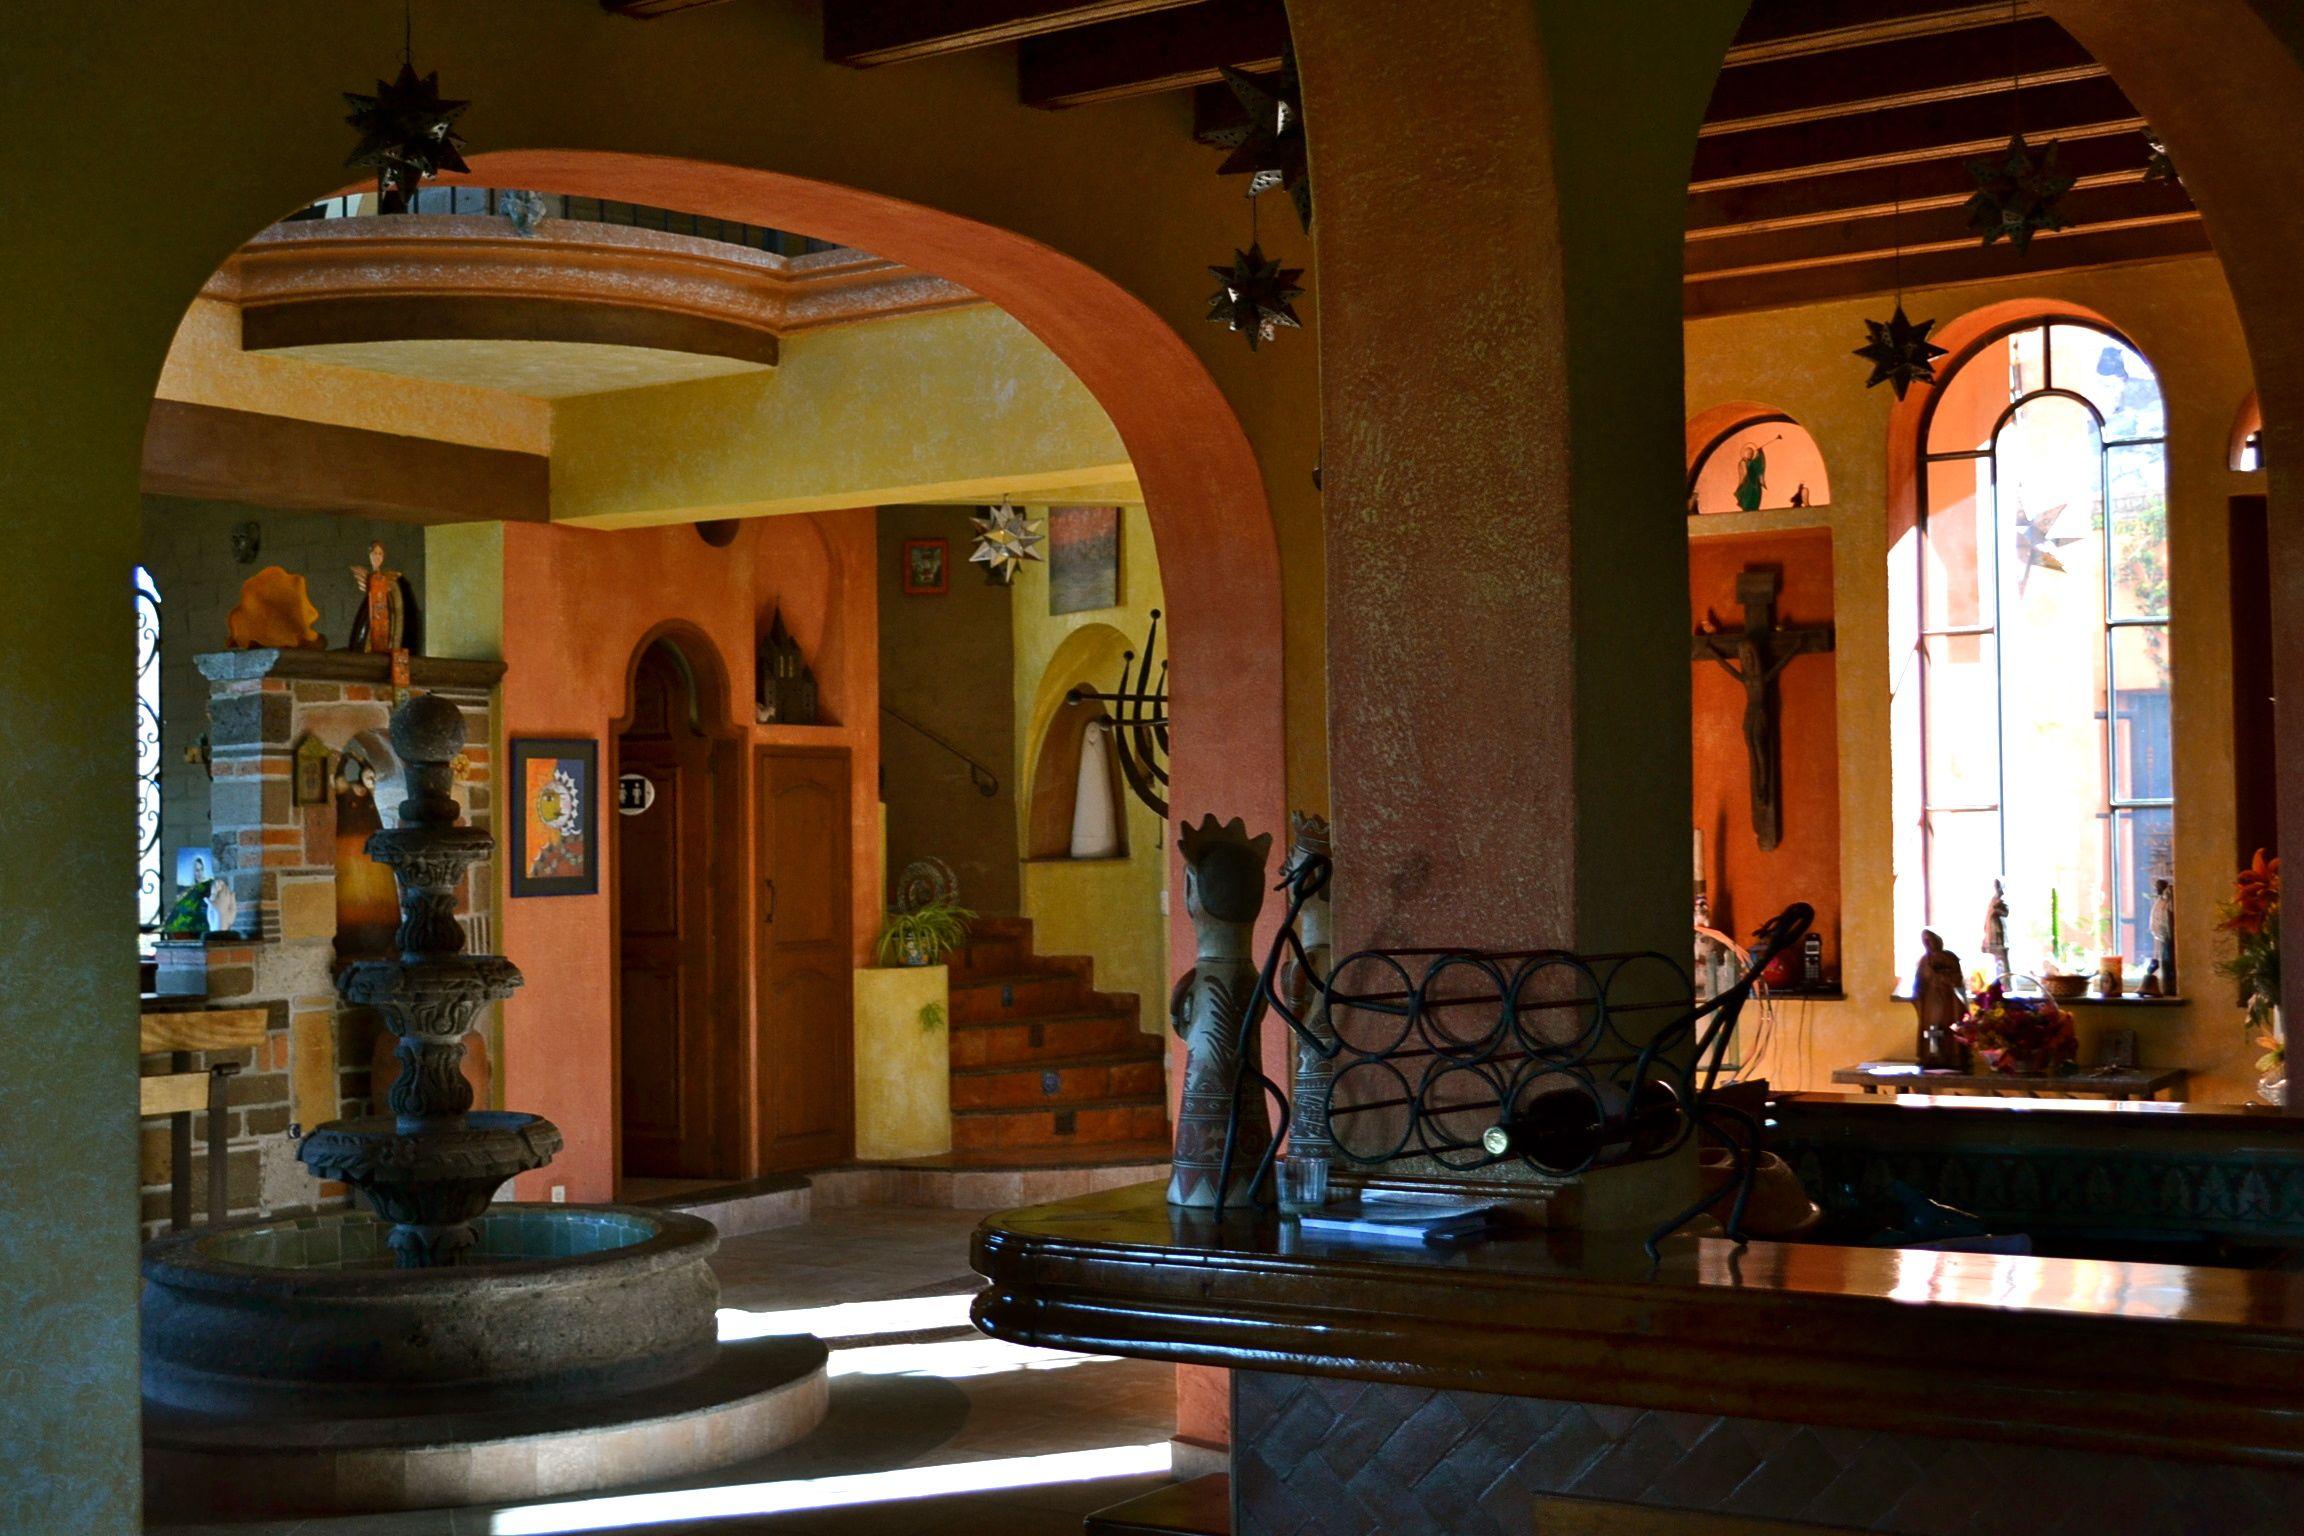 Casa Angelitos, San Miguel de Allende Mexico. Photo by Amanda Young